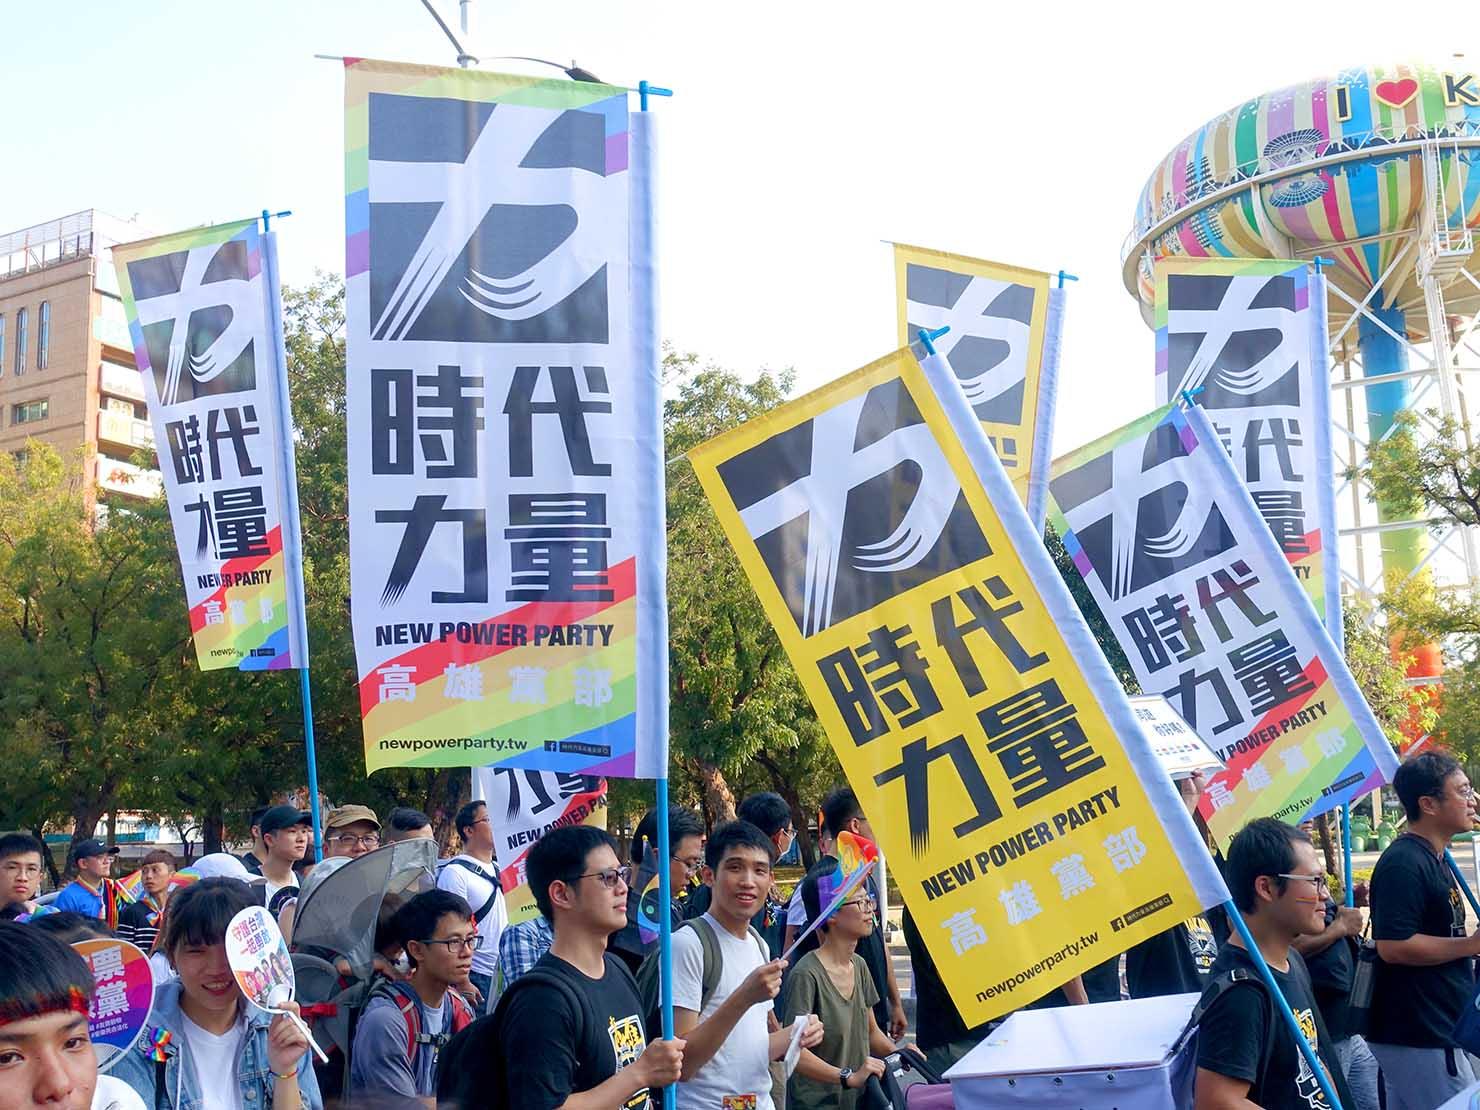 「高雄同志大遊行(高雄プライド)」2019のパレードに参加する政党・時代力量